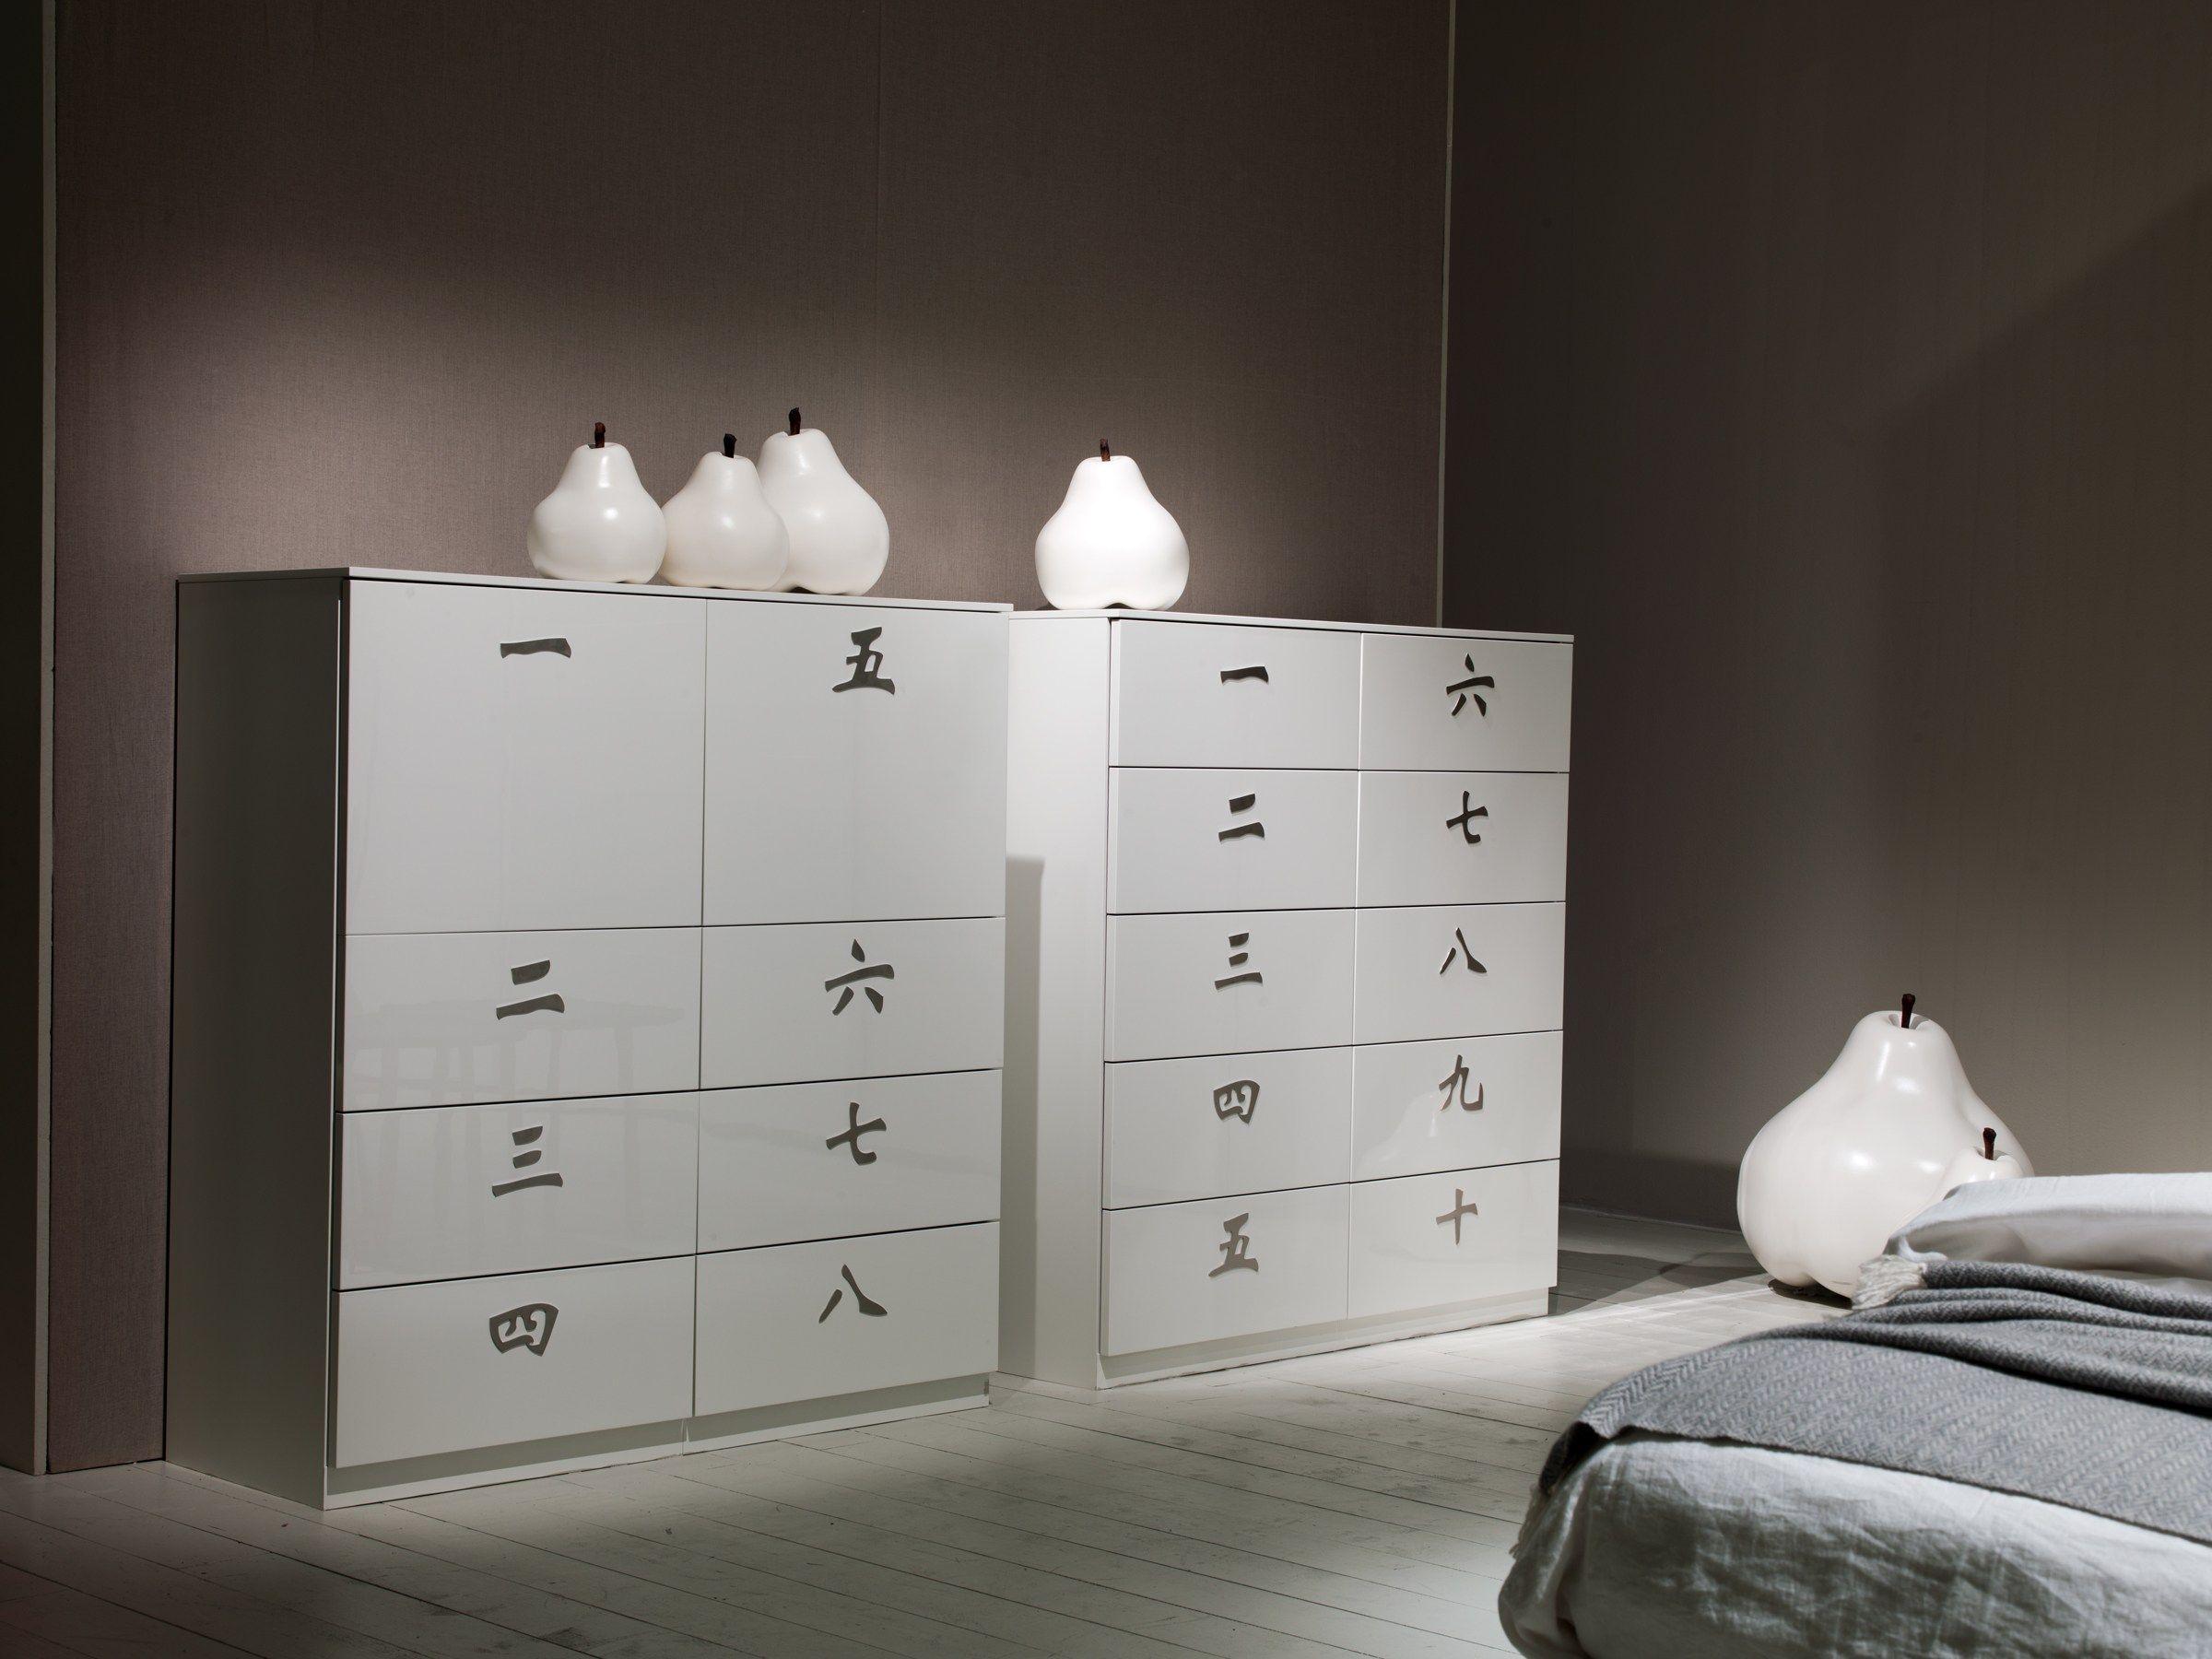 Kommode aus holz xian 10 drawers kollektion xian by emmebi design pietro arosio - Designer kommode aus holz naturliche gelandeformen ...